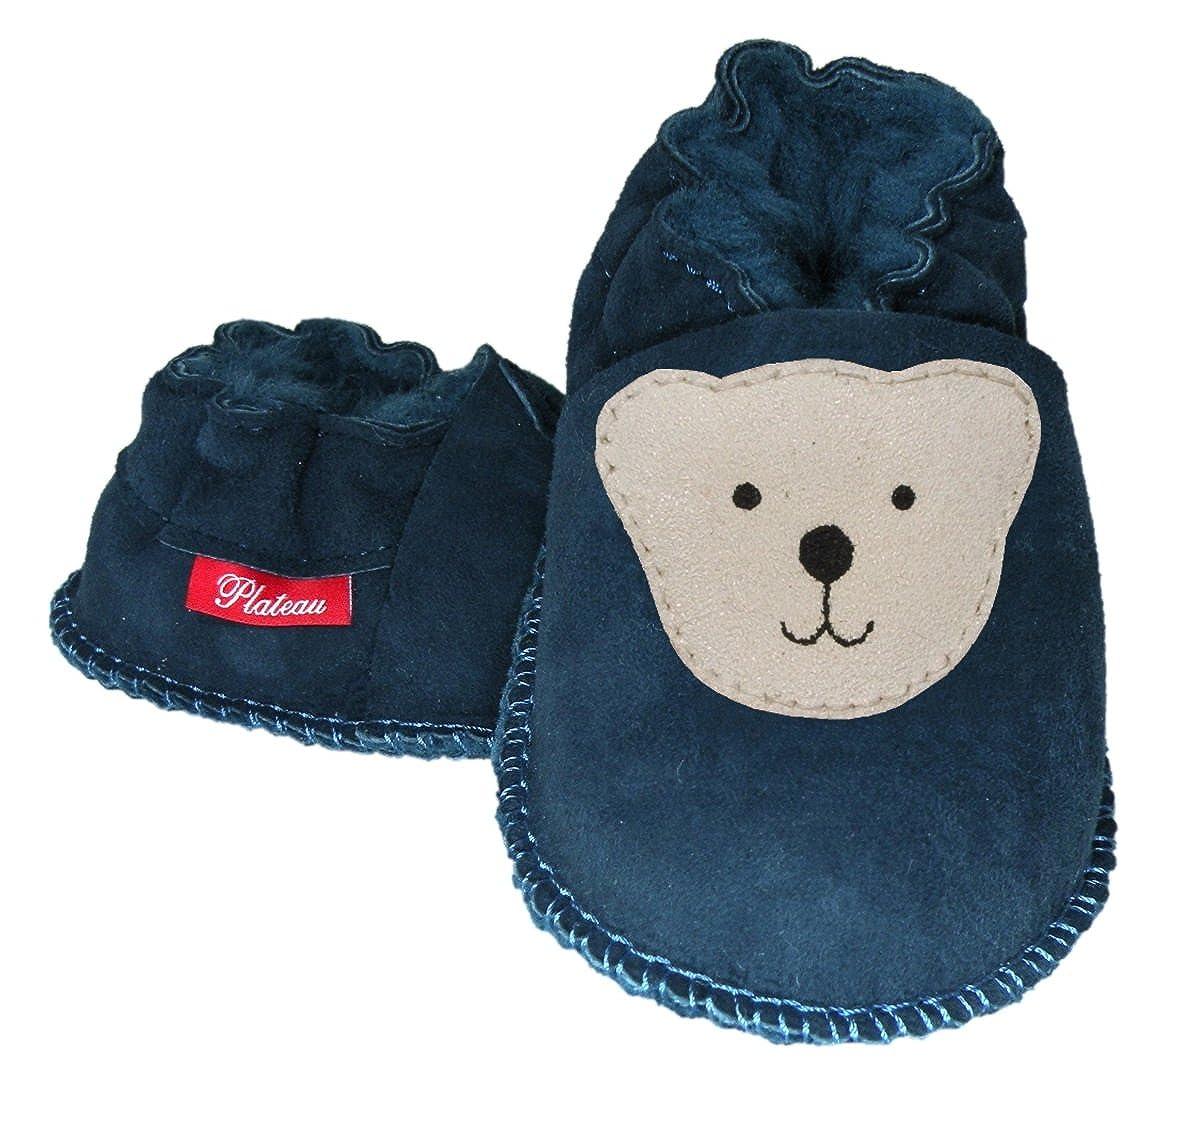 Plateau Tibet - Chaussons bébé avec doublure en VERITABLE laine d'agneau Bottines Chaussures en cuir souple garçon fille enfant - Ourson Plateau Products